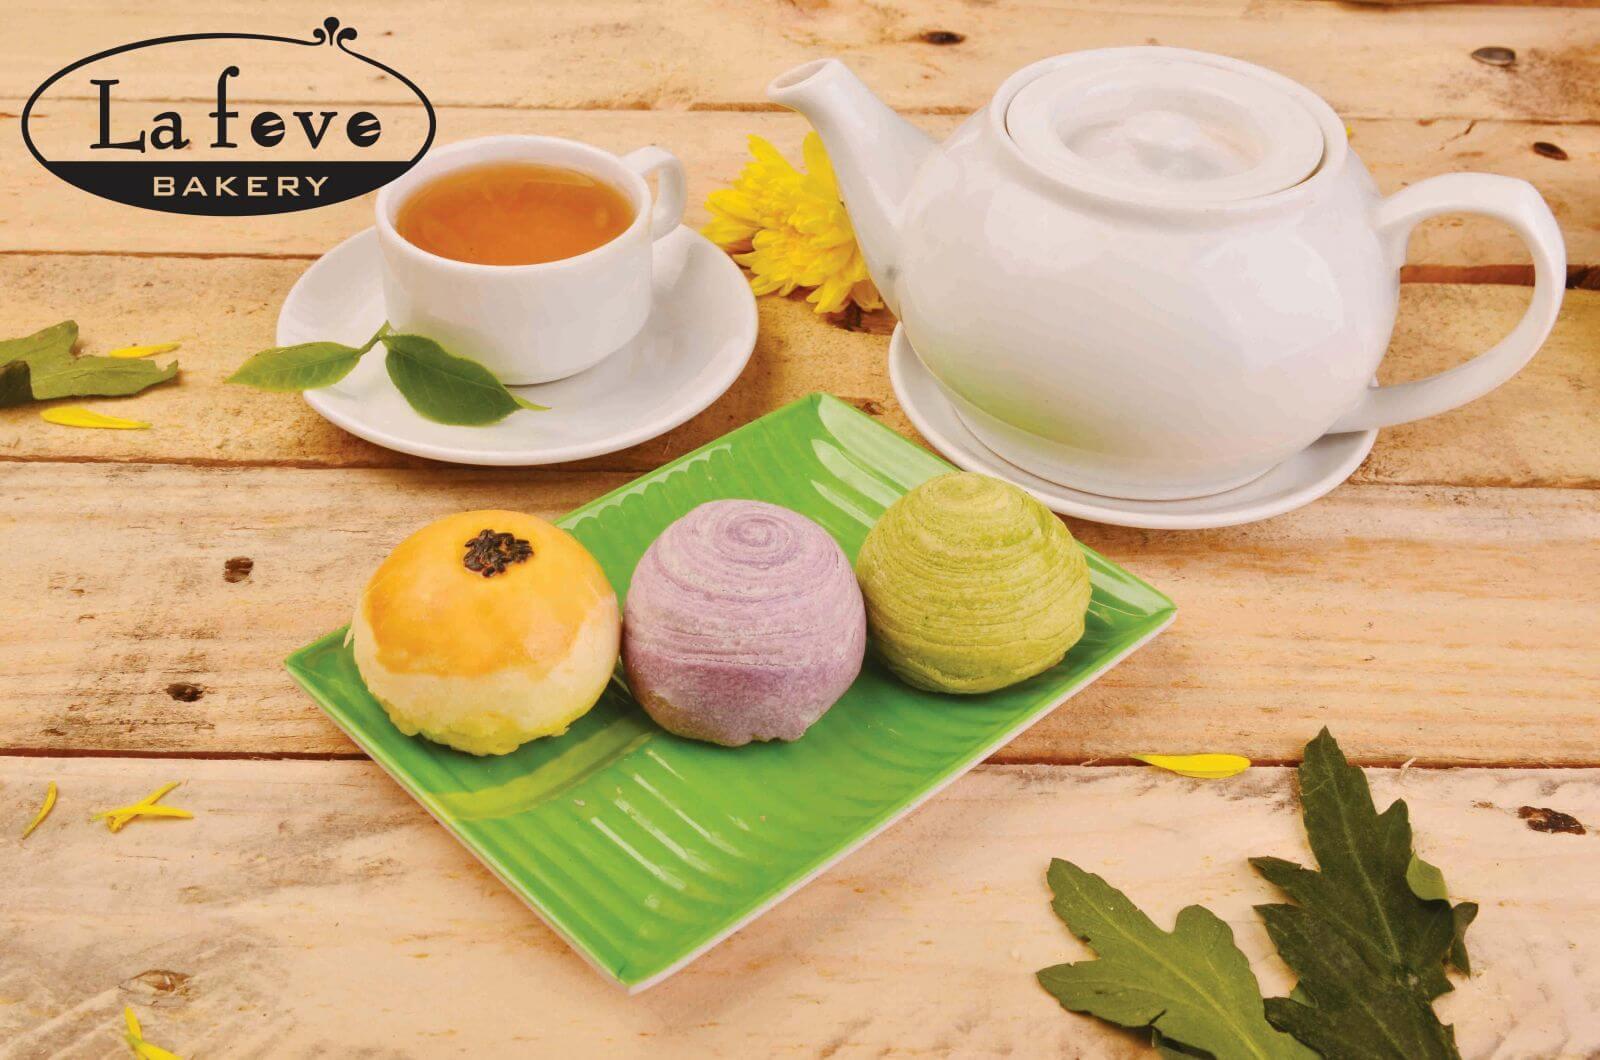 Bánh Trung Thu Lafeve 2018- Bảng Báo Giá Chính Thức Bánh Trung Thu Lafeve 2018 3